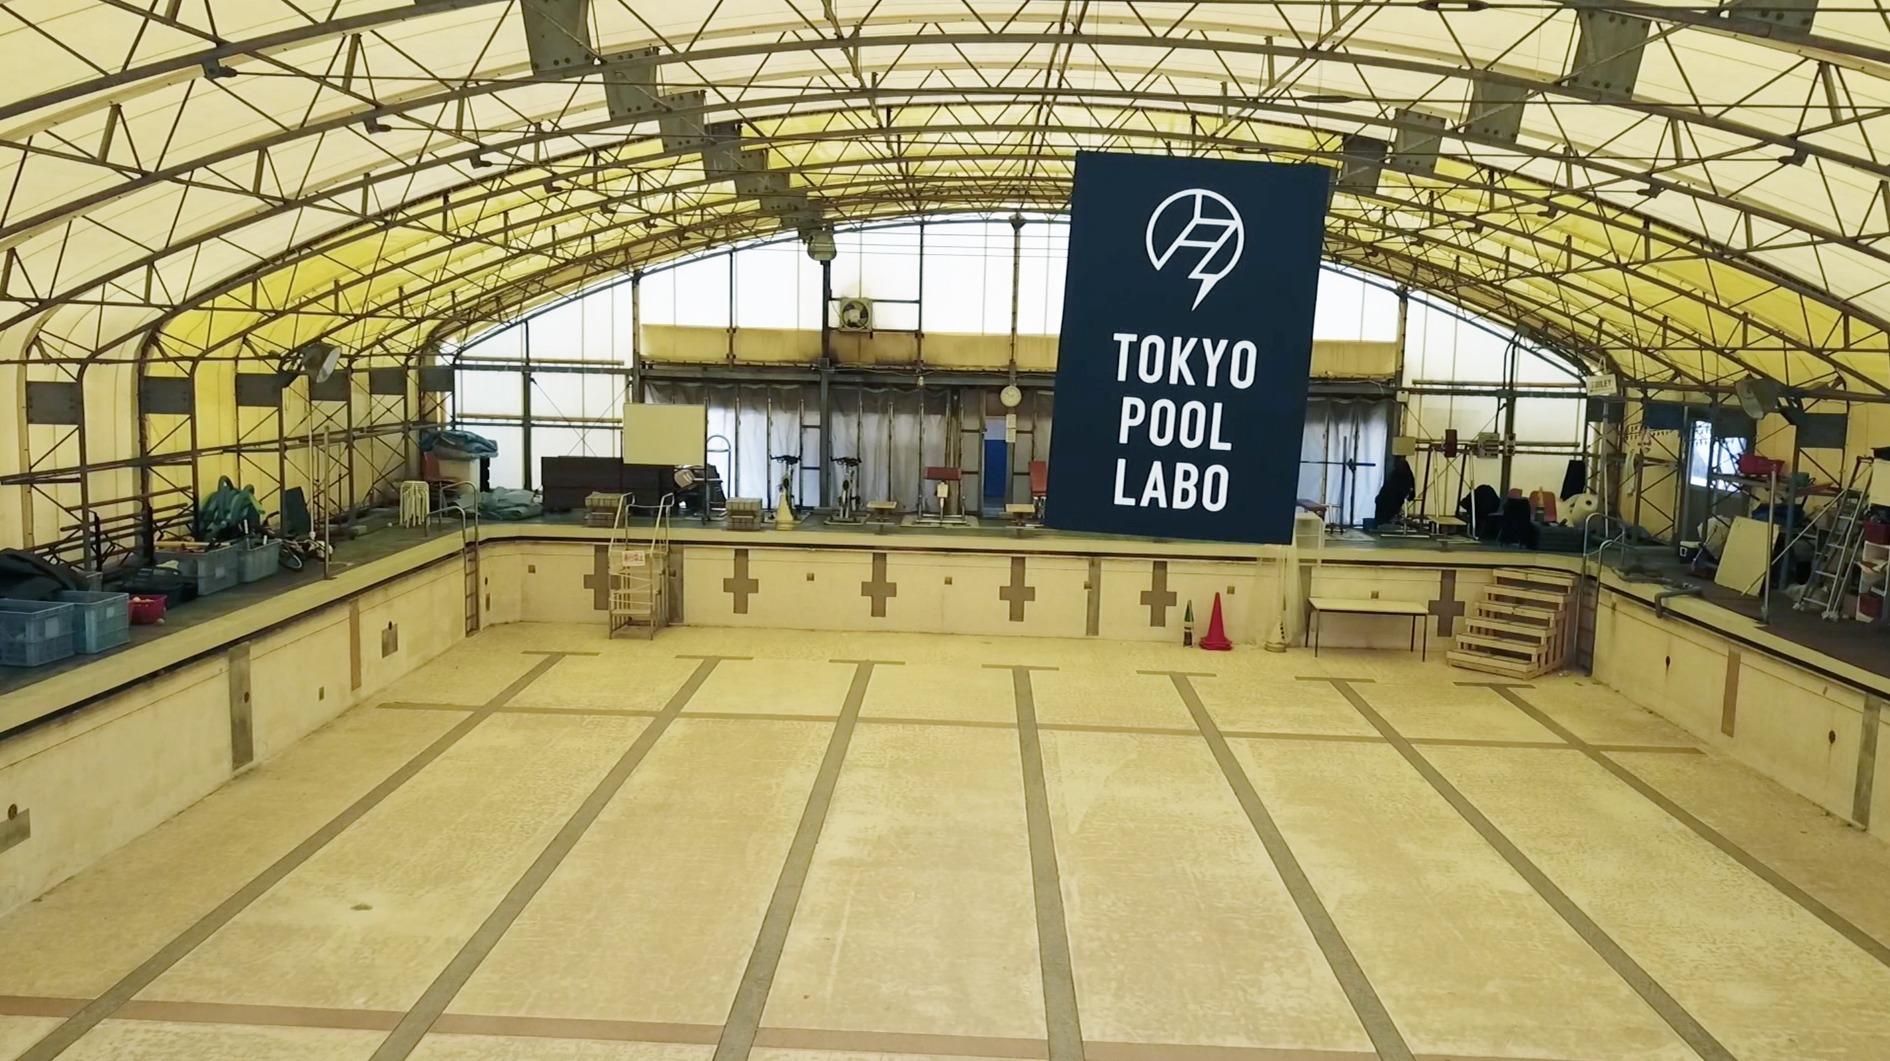 足立室内ドローン練習場@TPL の写真